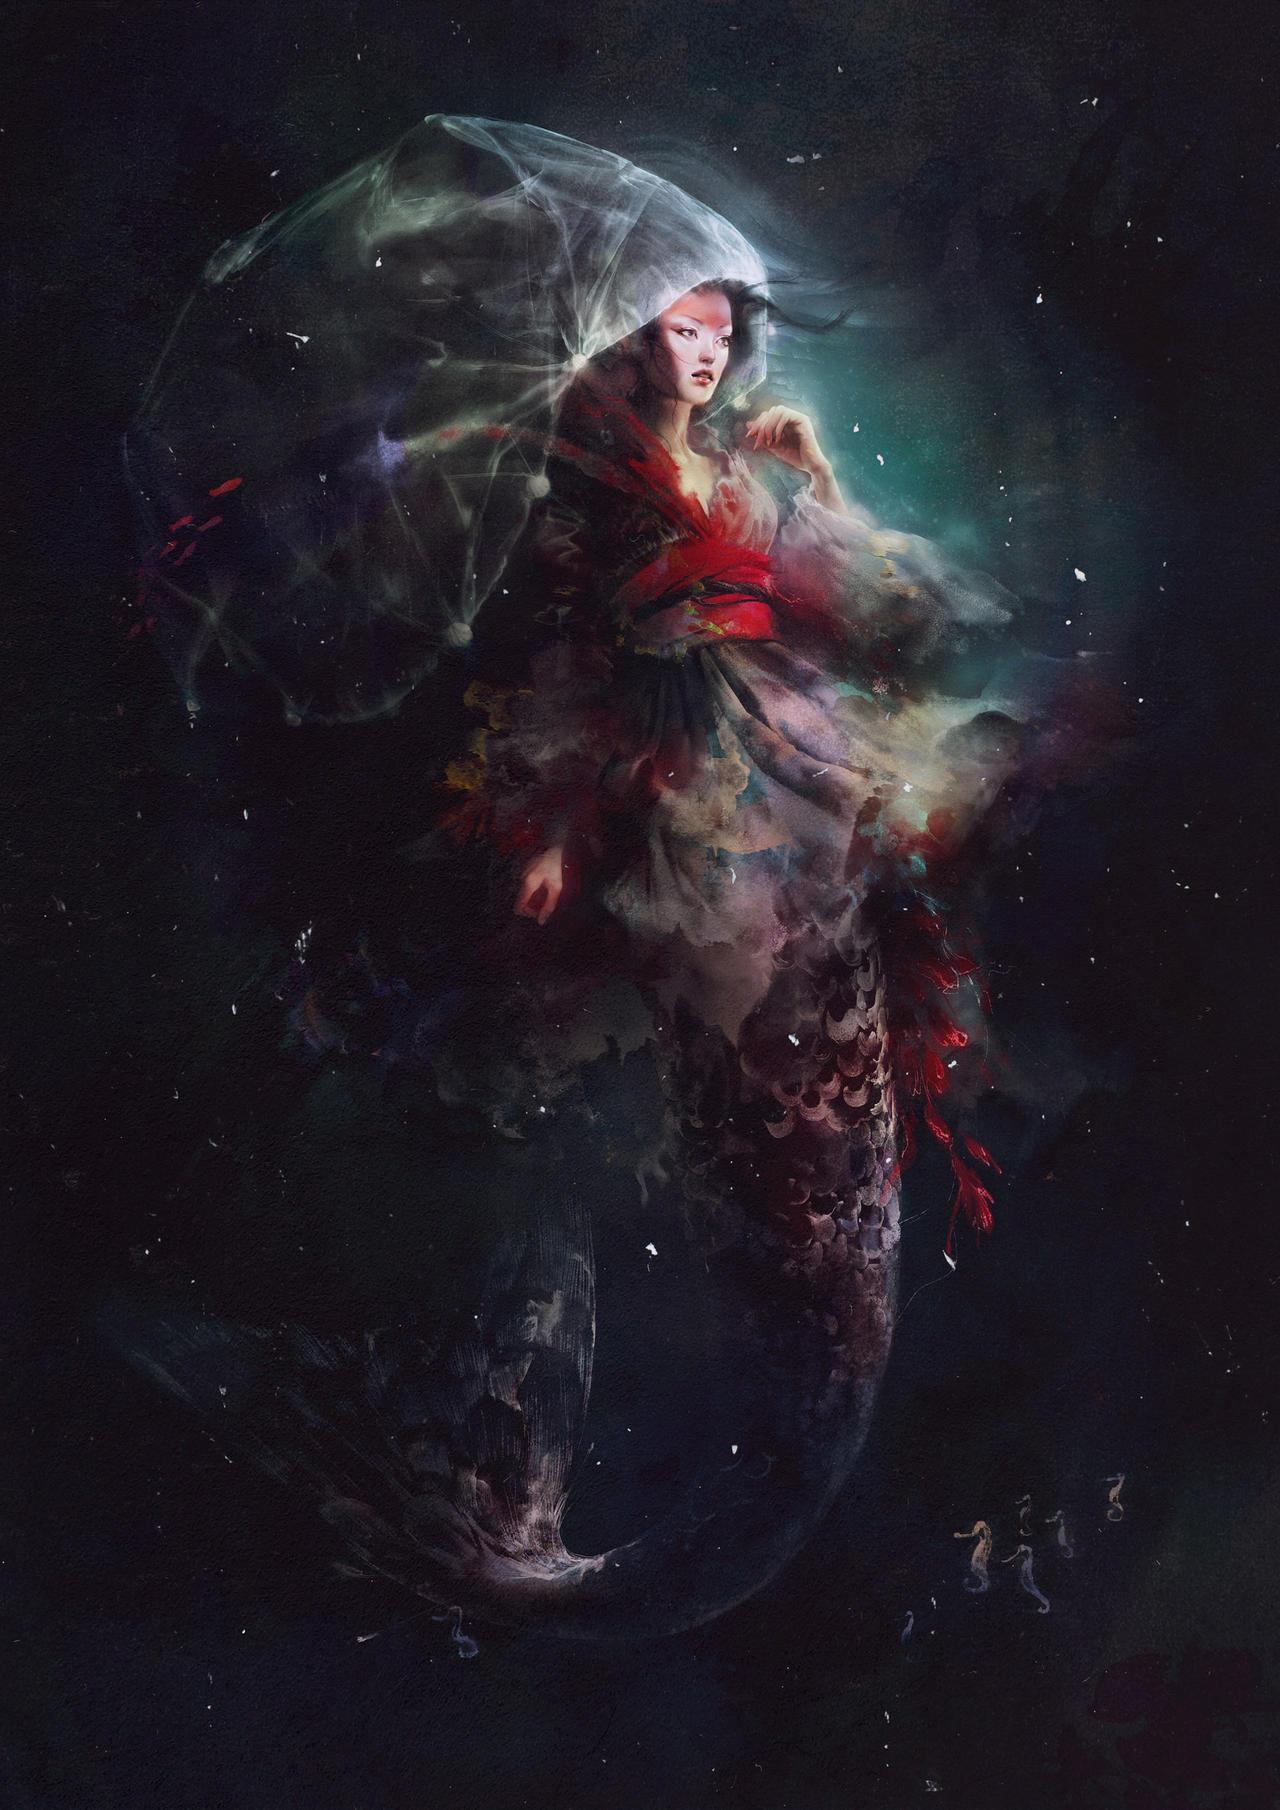 Jellyfish mermaid by maria menshikova on deviantart for Jelly fish art